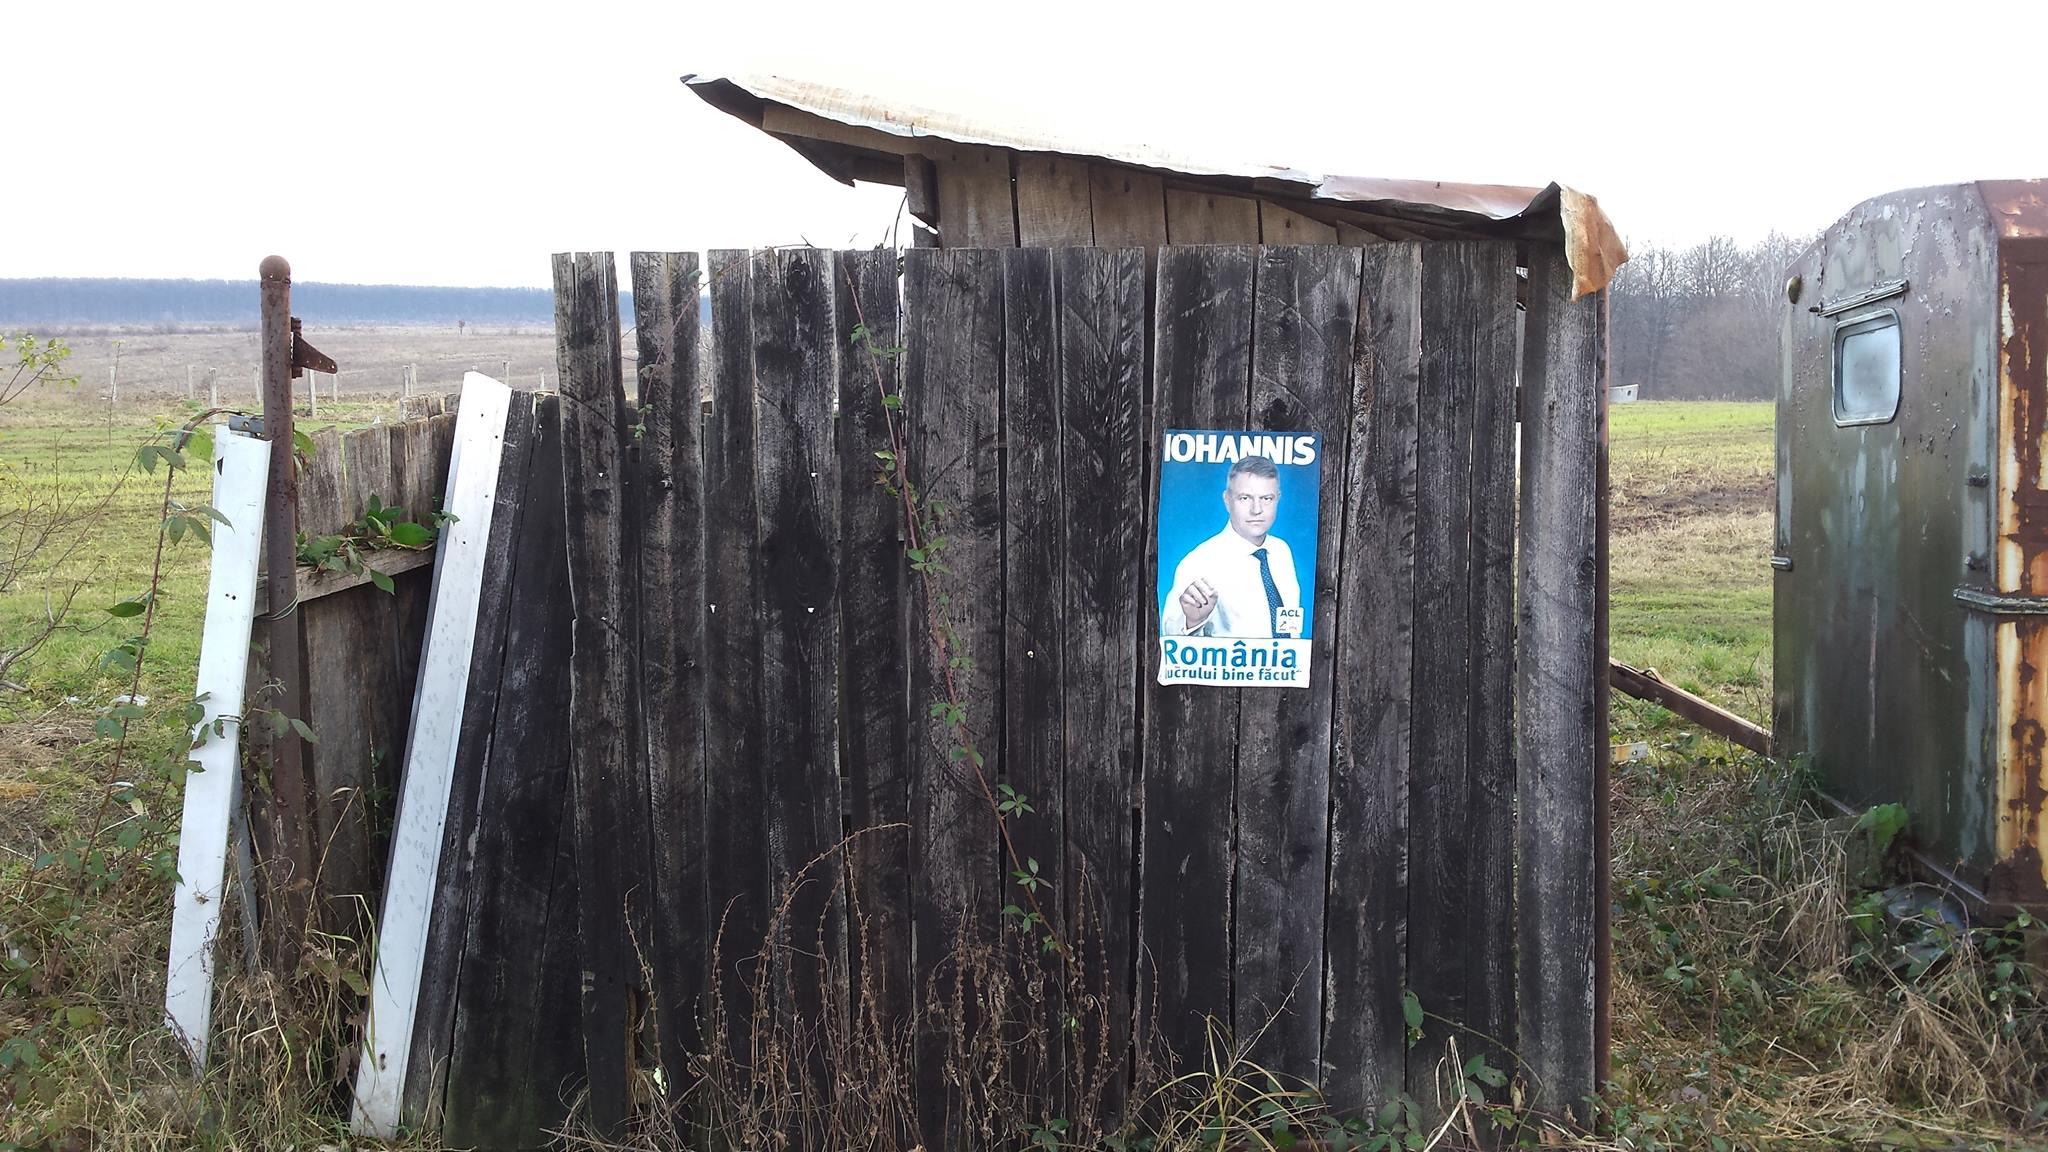 """O toaletă din România """"lucrului bine făcut"""", mai precis, din localitatea Budieni (Foto: Ionuț Fantaziu)"""